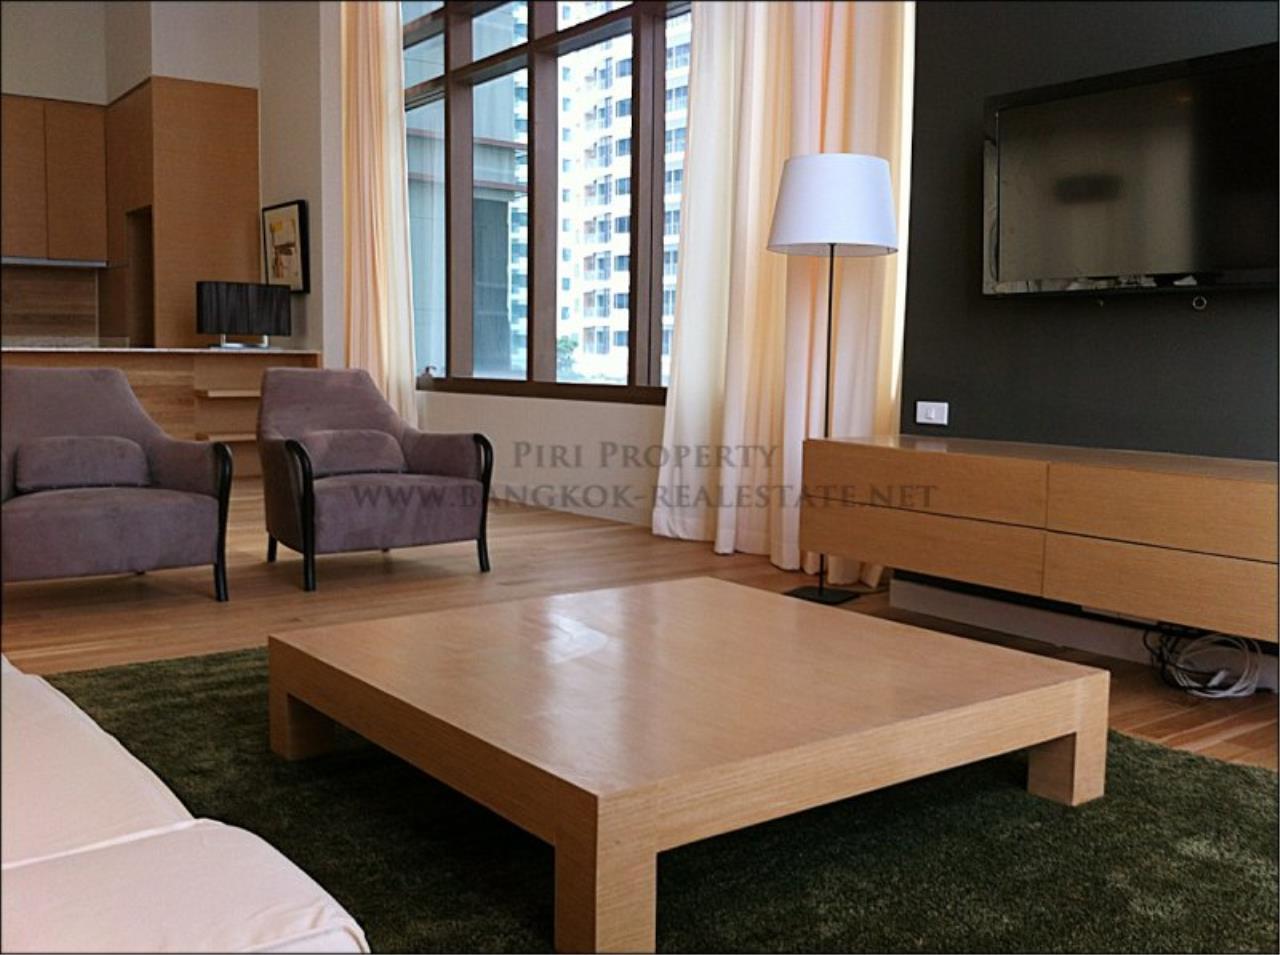 Piri Property Agency's Amazing Duplex Condominium for Rent - Emporio Place 7